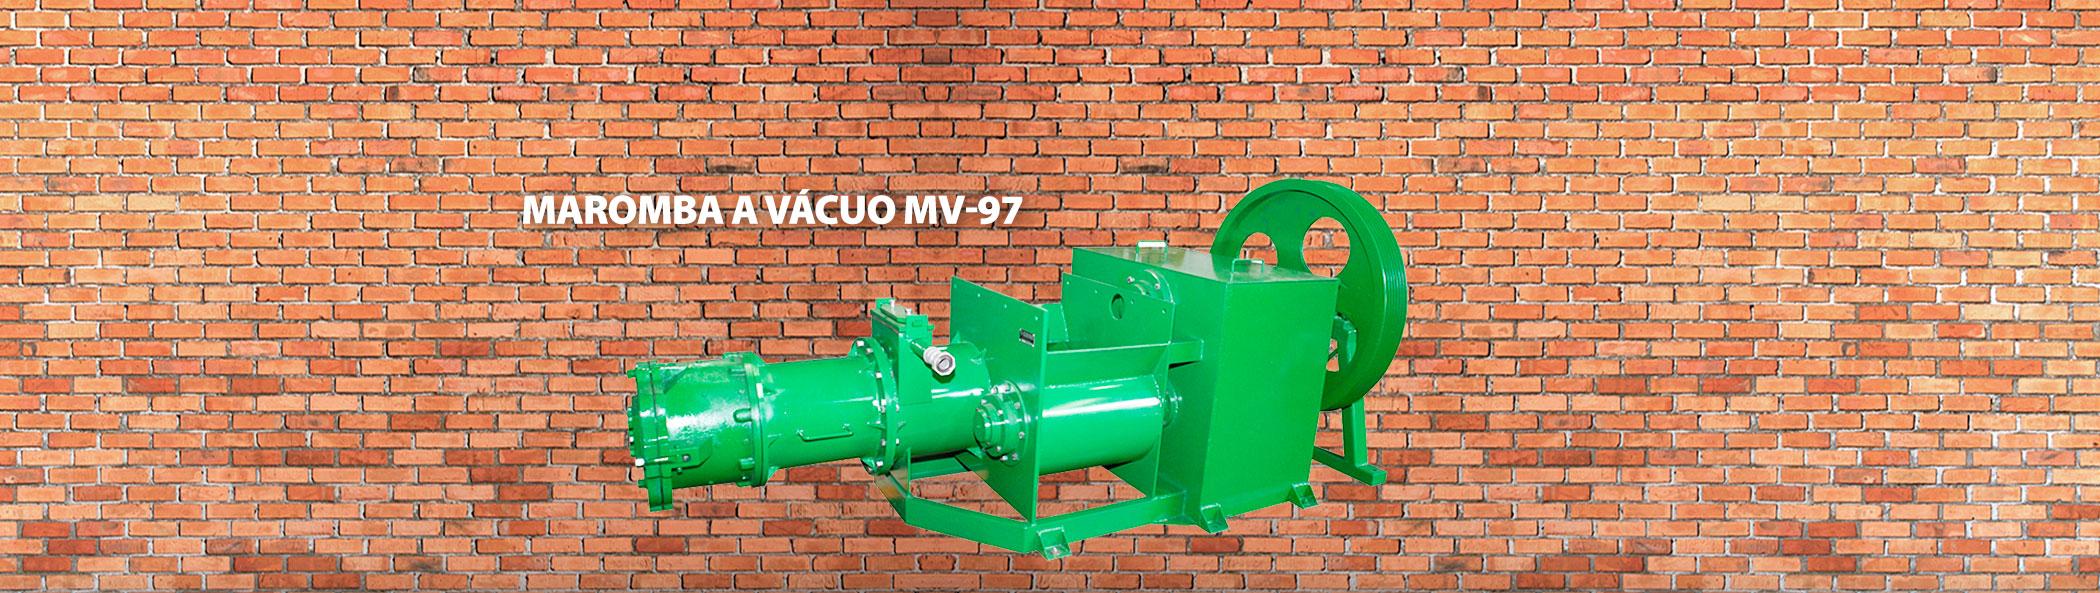 A Maromba a Vácuo MV-97